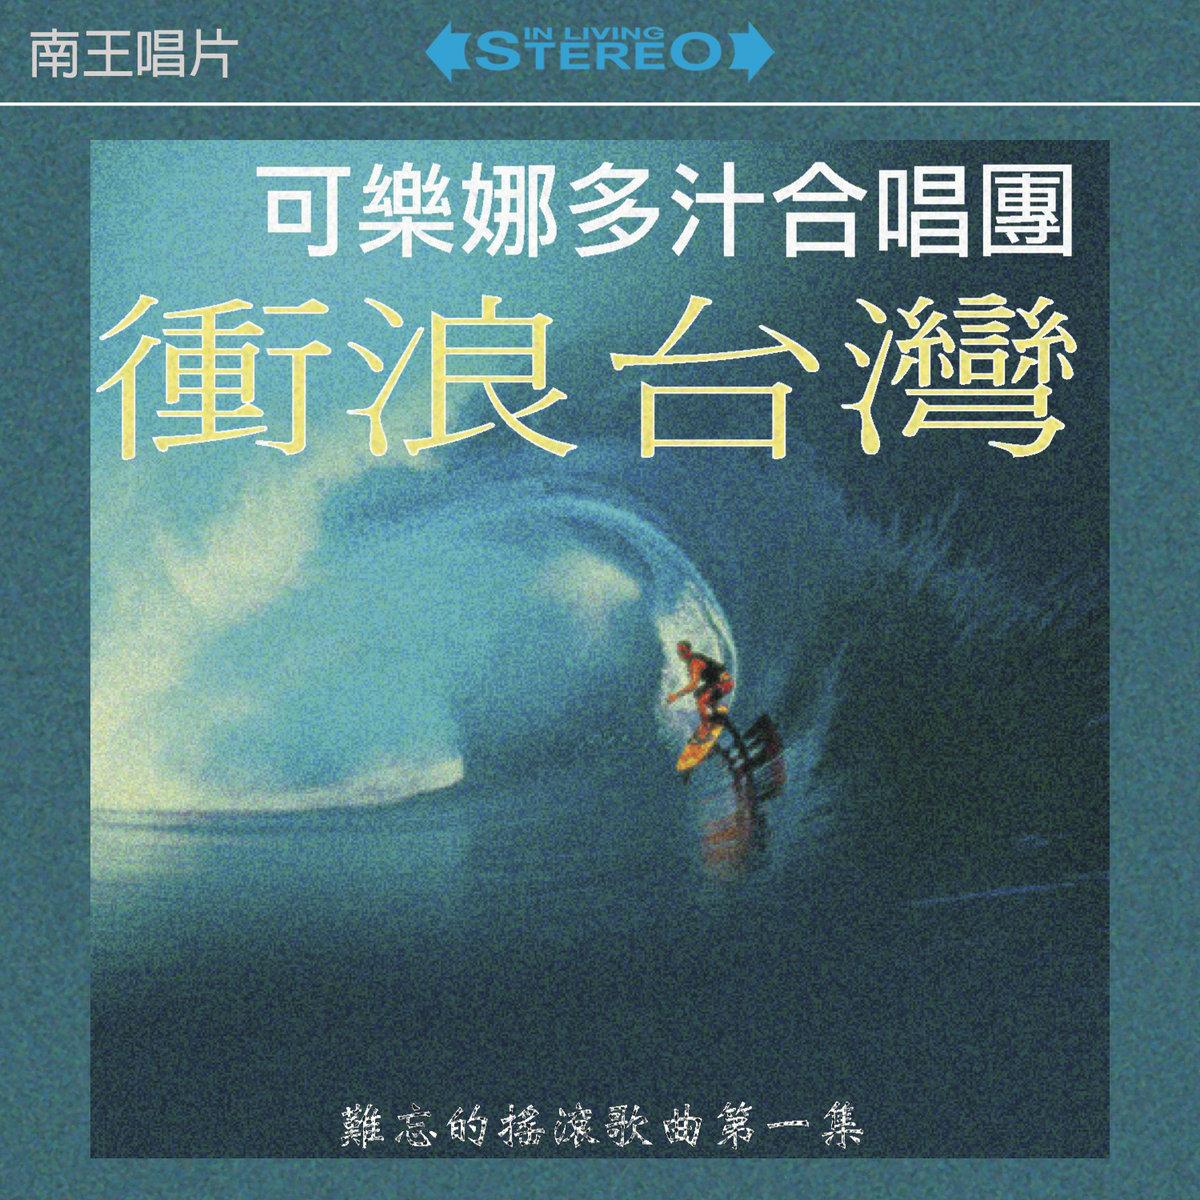 Los Coronados - Surfin' Taiwan